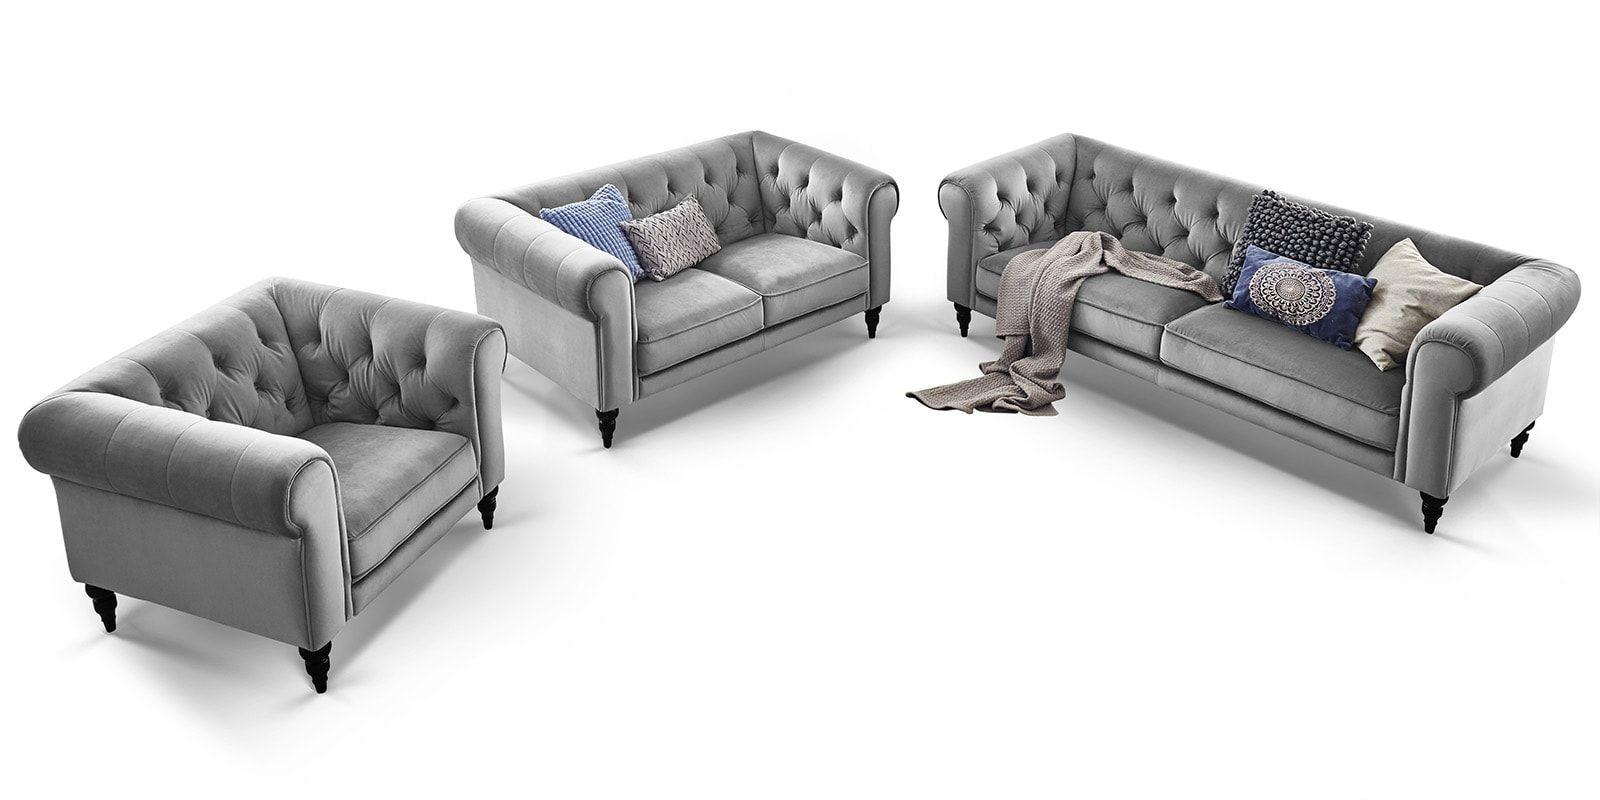 3 2 1 Sitzer Chesterfield Sitzgarnitur Samt Hudson Comfort2home Sitzgarnitur Sitzen Wohnzimmer